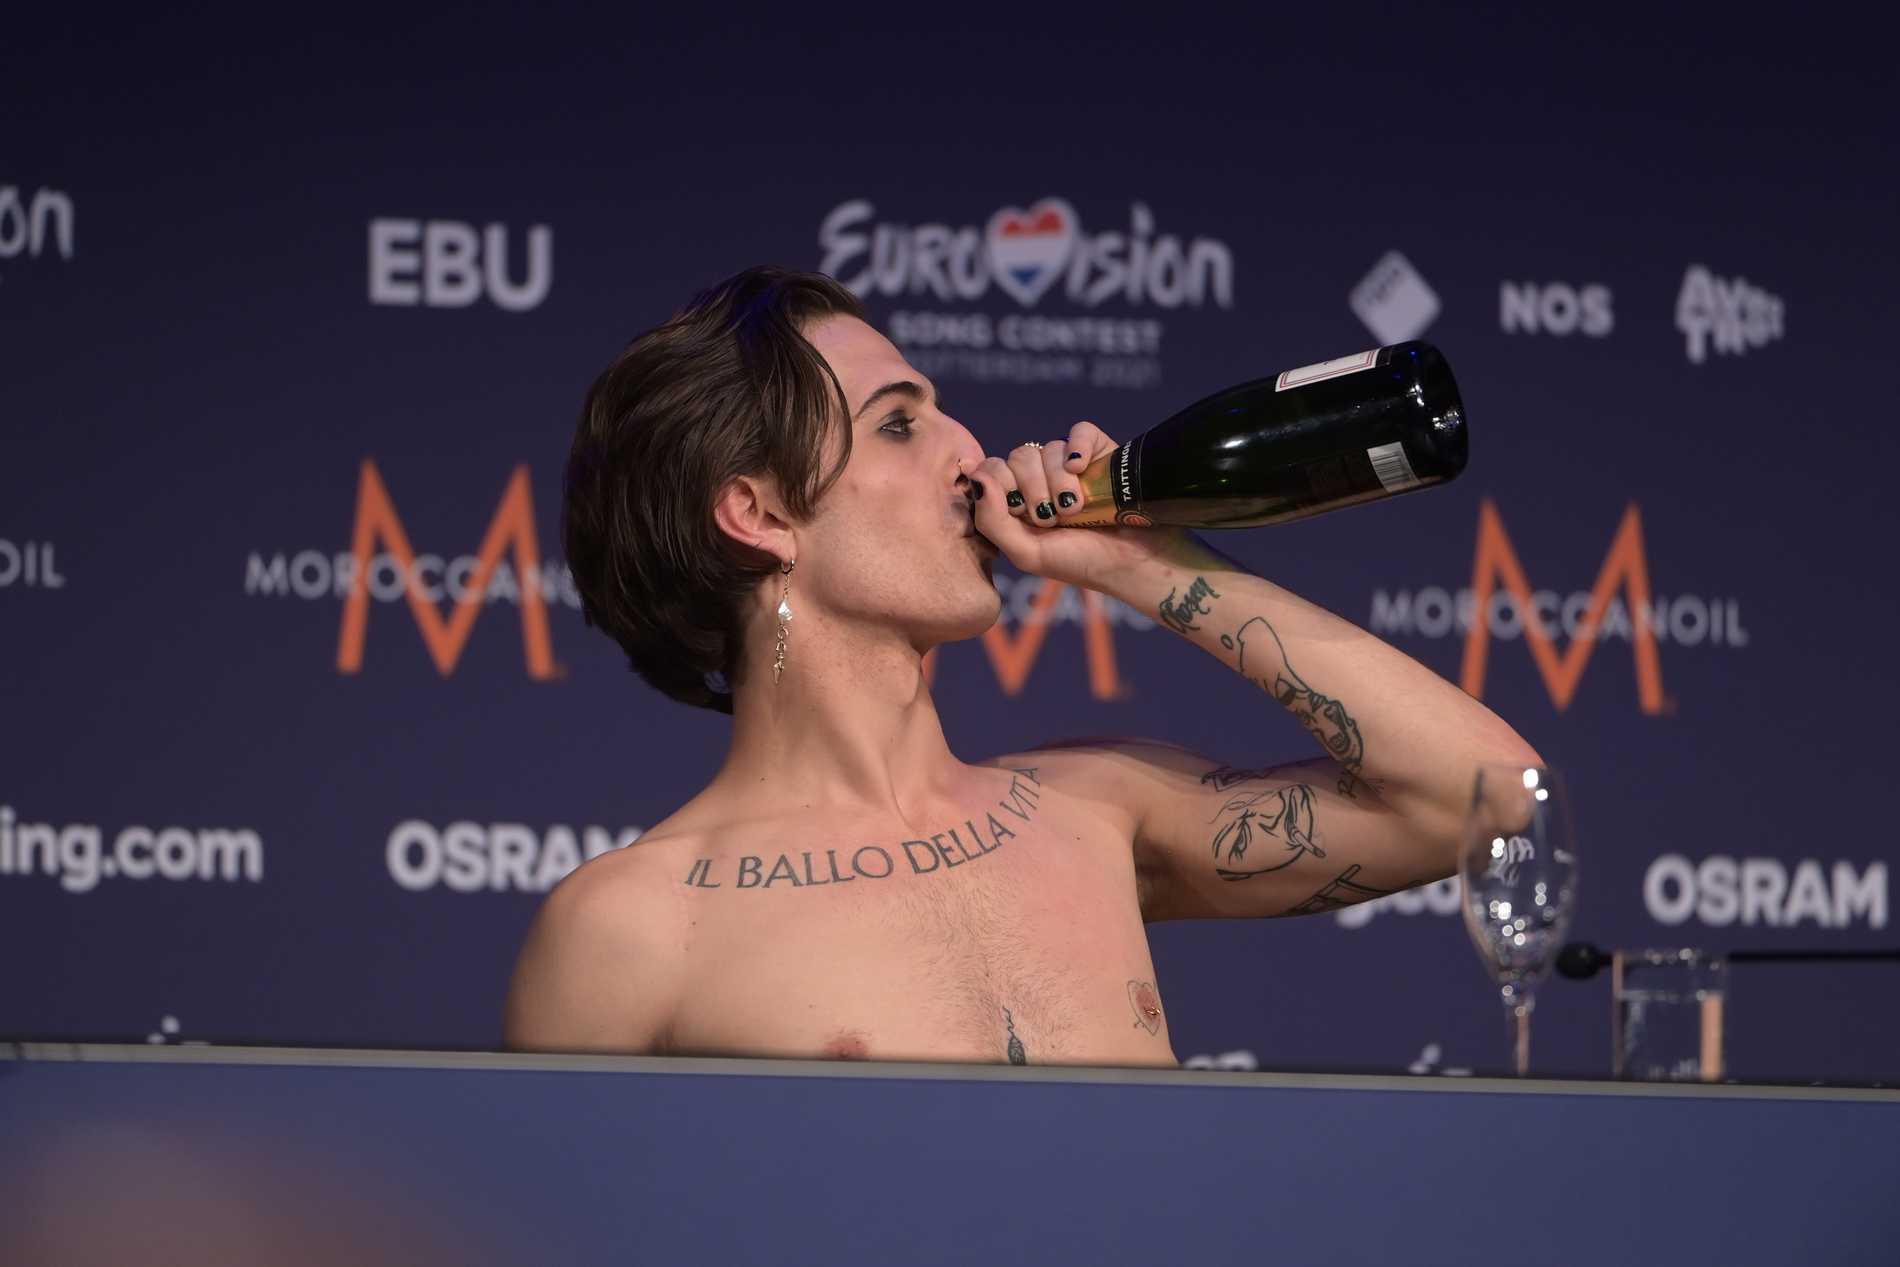 Måneskins Damiano David firar med att klunka champagne på presskonferensen.